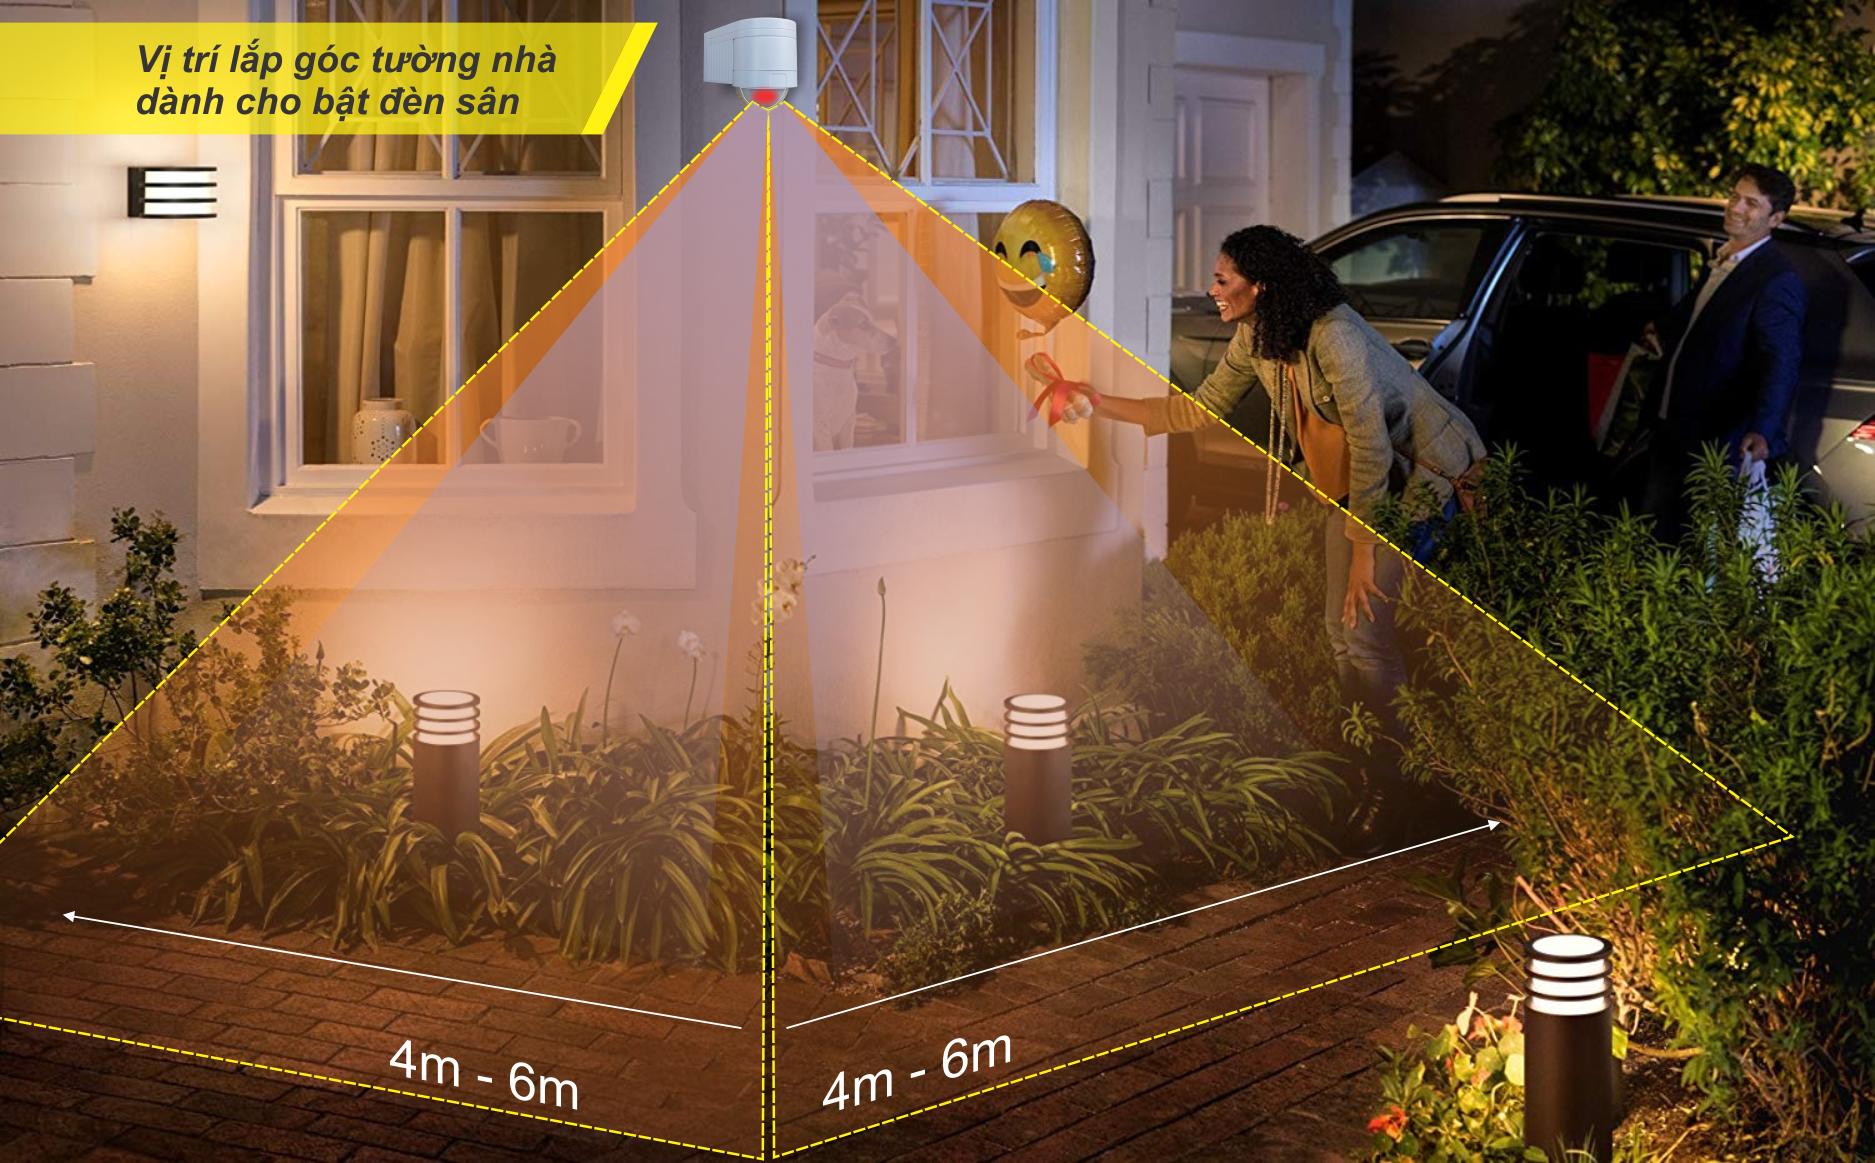 Vị trí lắp góc tường nhà dành cho đèn chiếu sáng sân vườn